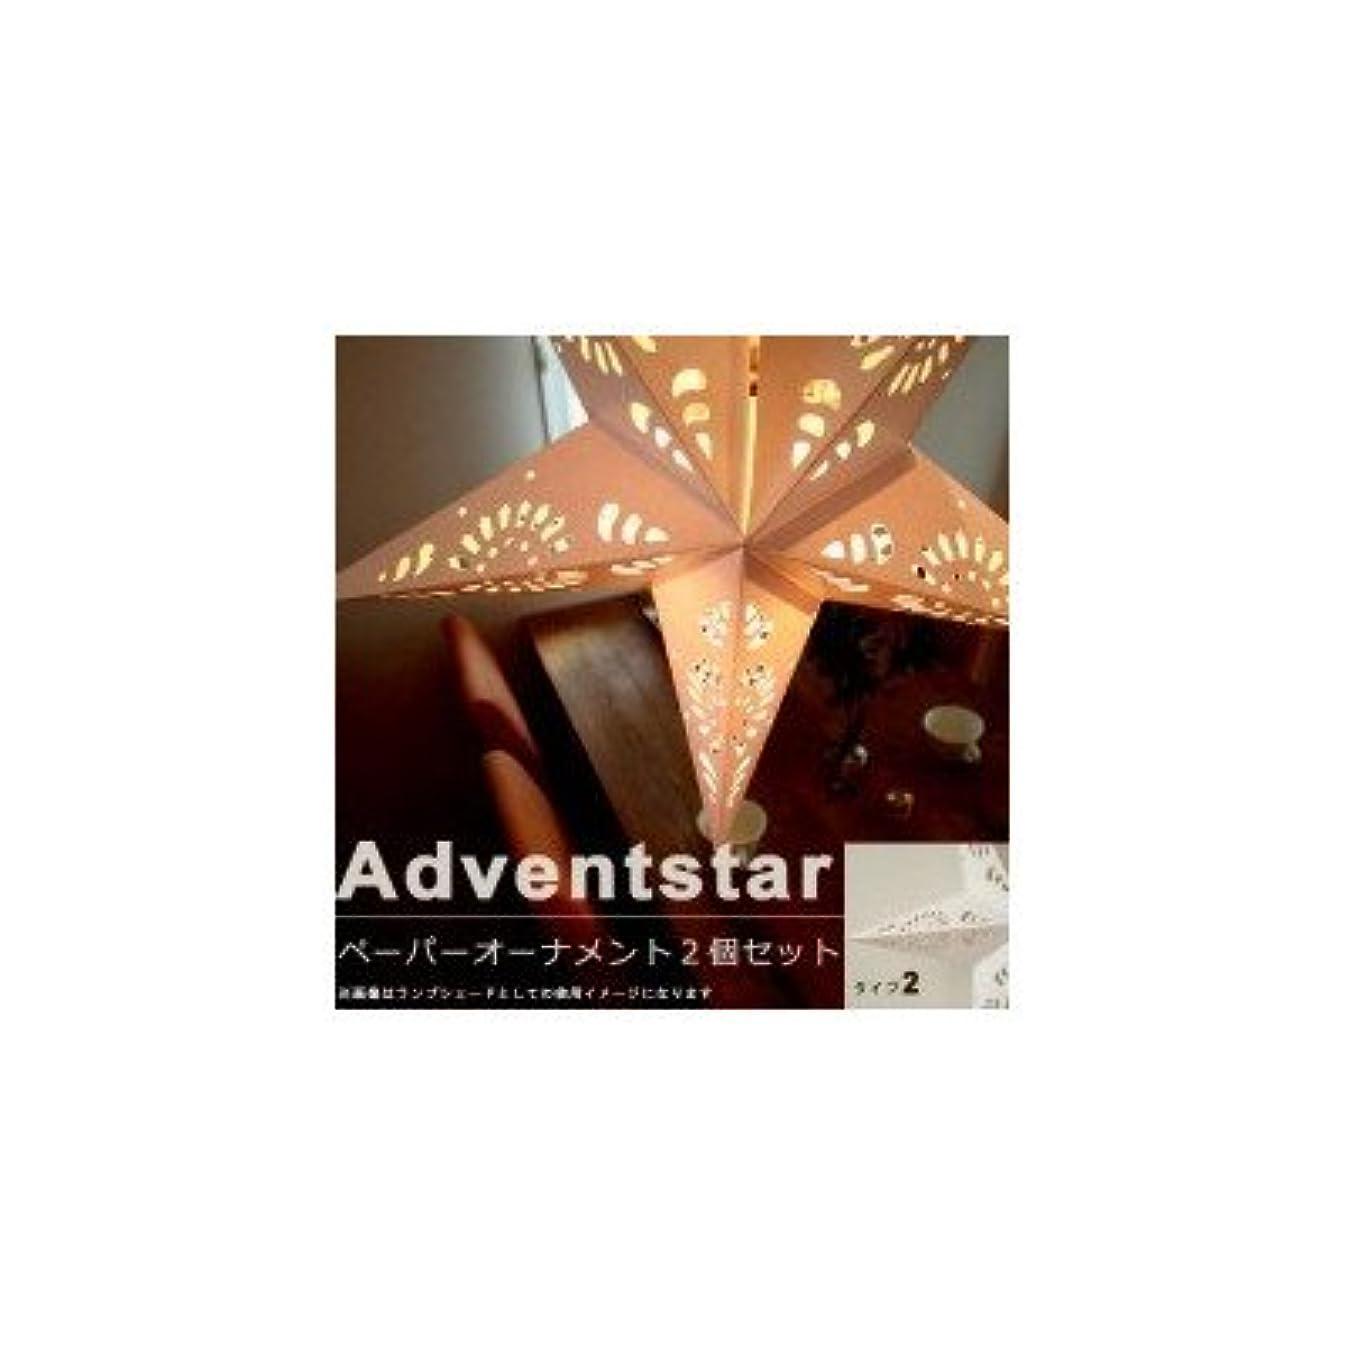 隣接復活させる融合ペーパーオーナメント Adventstar(アドベントスター) 星型ランプシェード タイプ2 2個セット